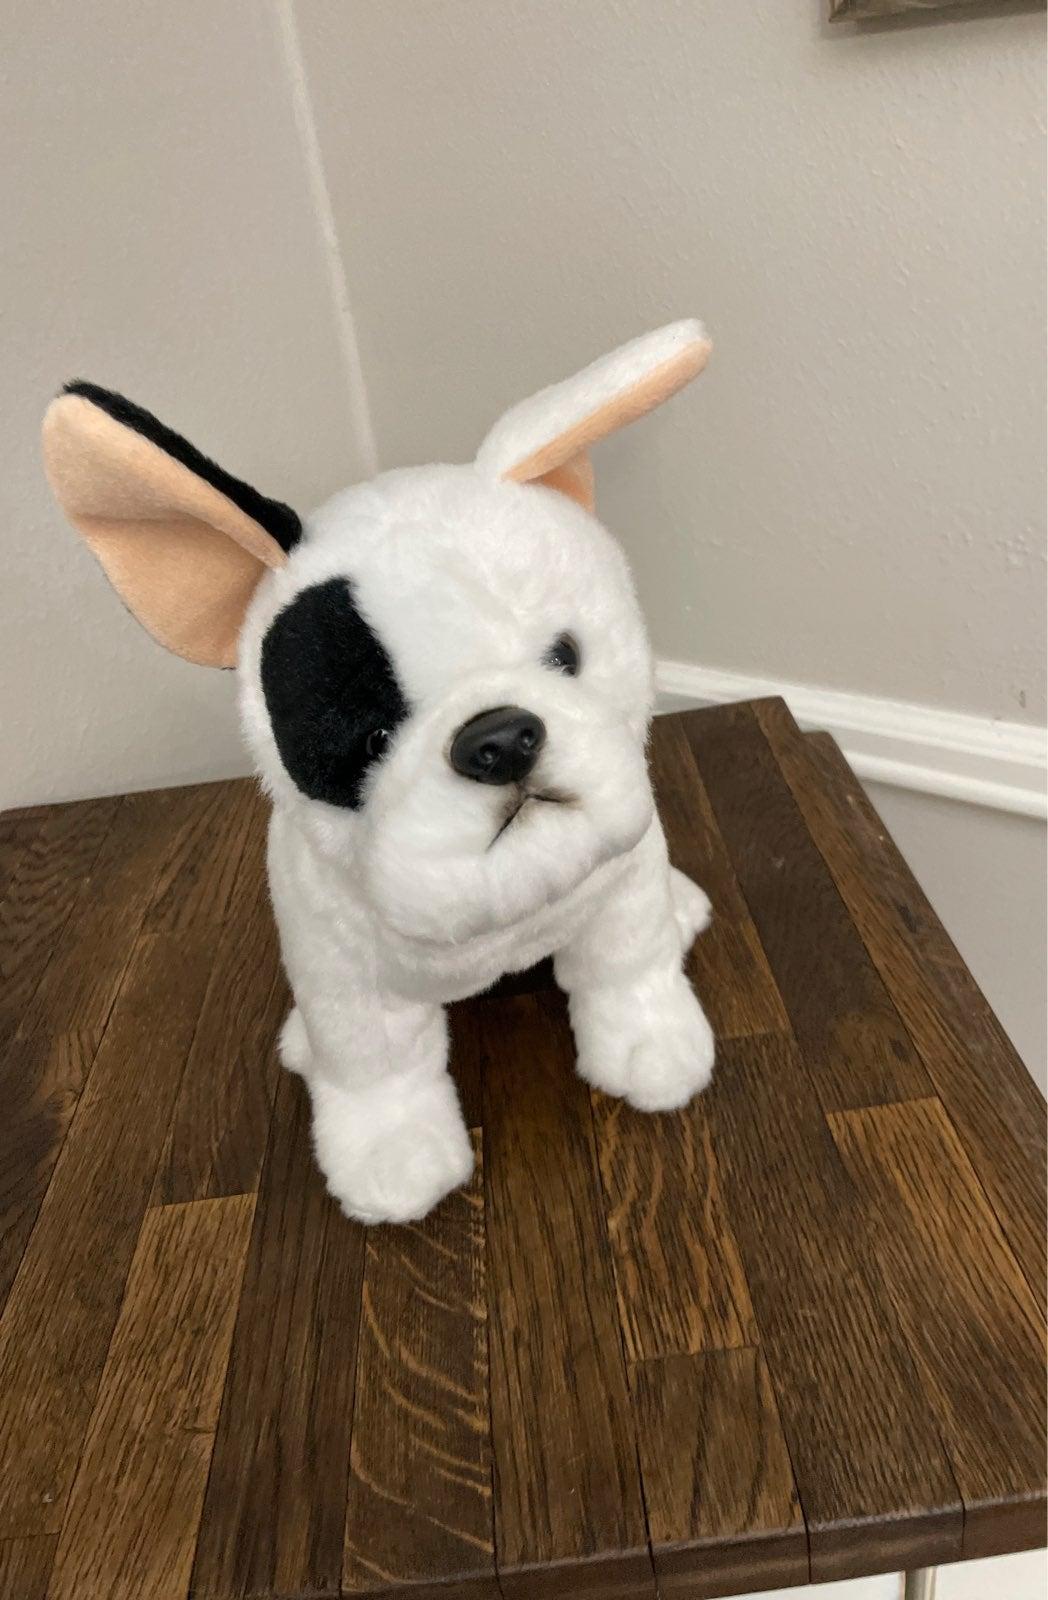 French Bulldog ToyRus plush